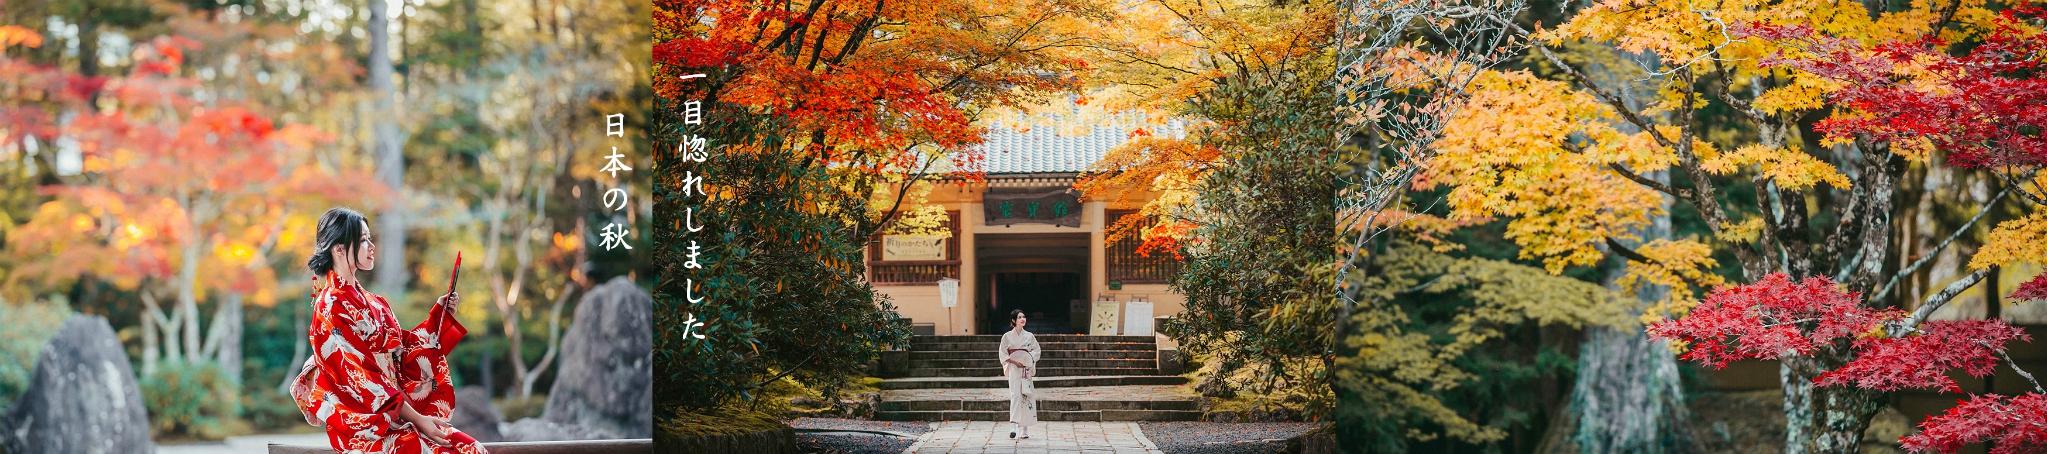 探访日本世遗,秋日红叶狩×圣地修行之旅